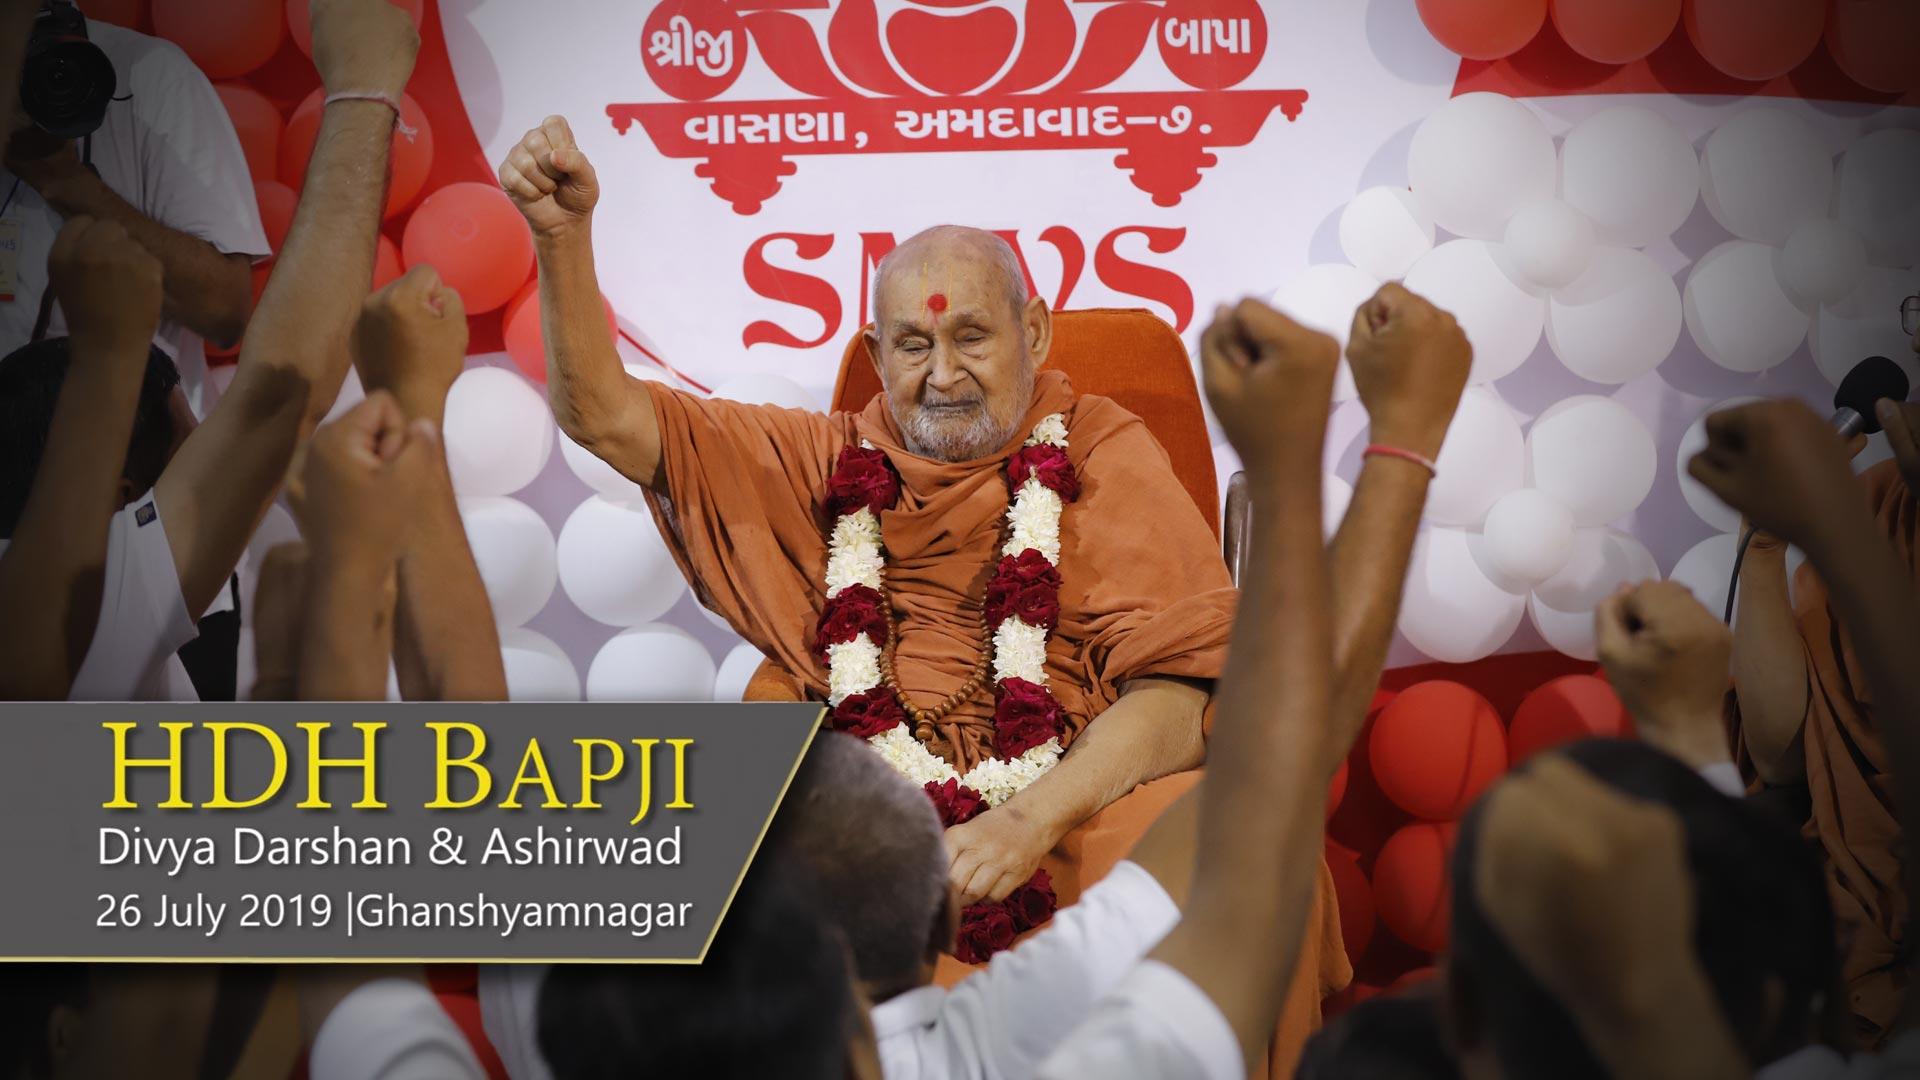 HDH Bapji Divya Darshan-Ashirwad, Ghanshyamnagar | 26 July, 2019